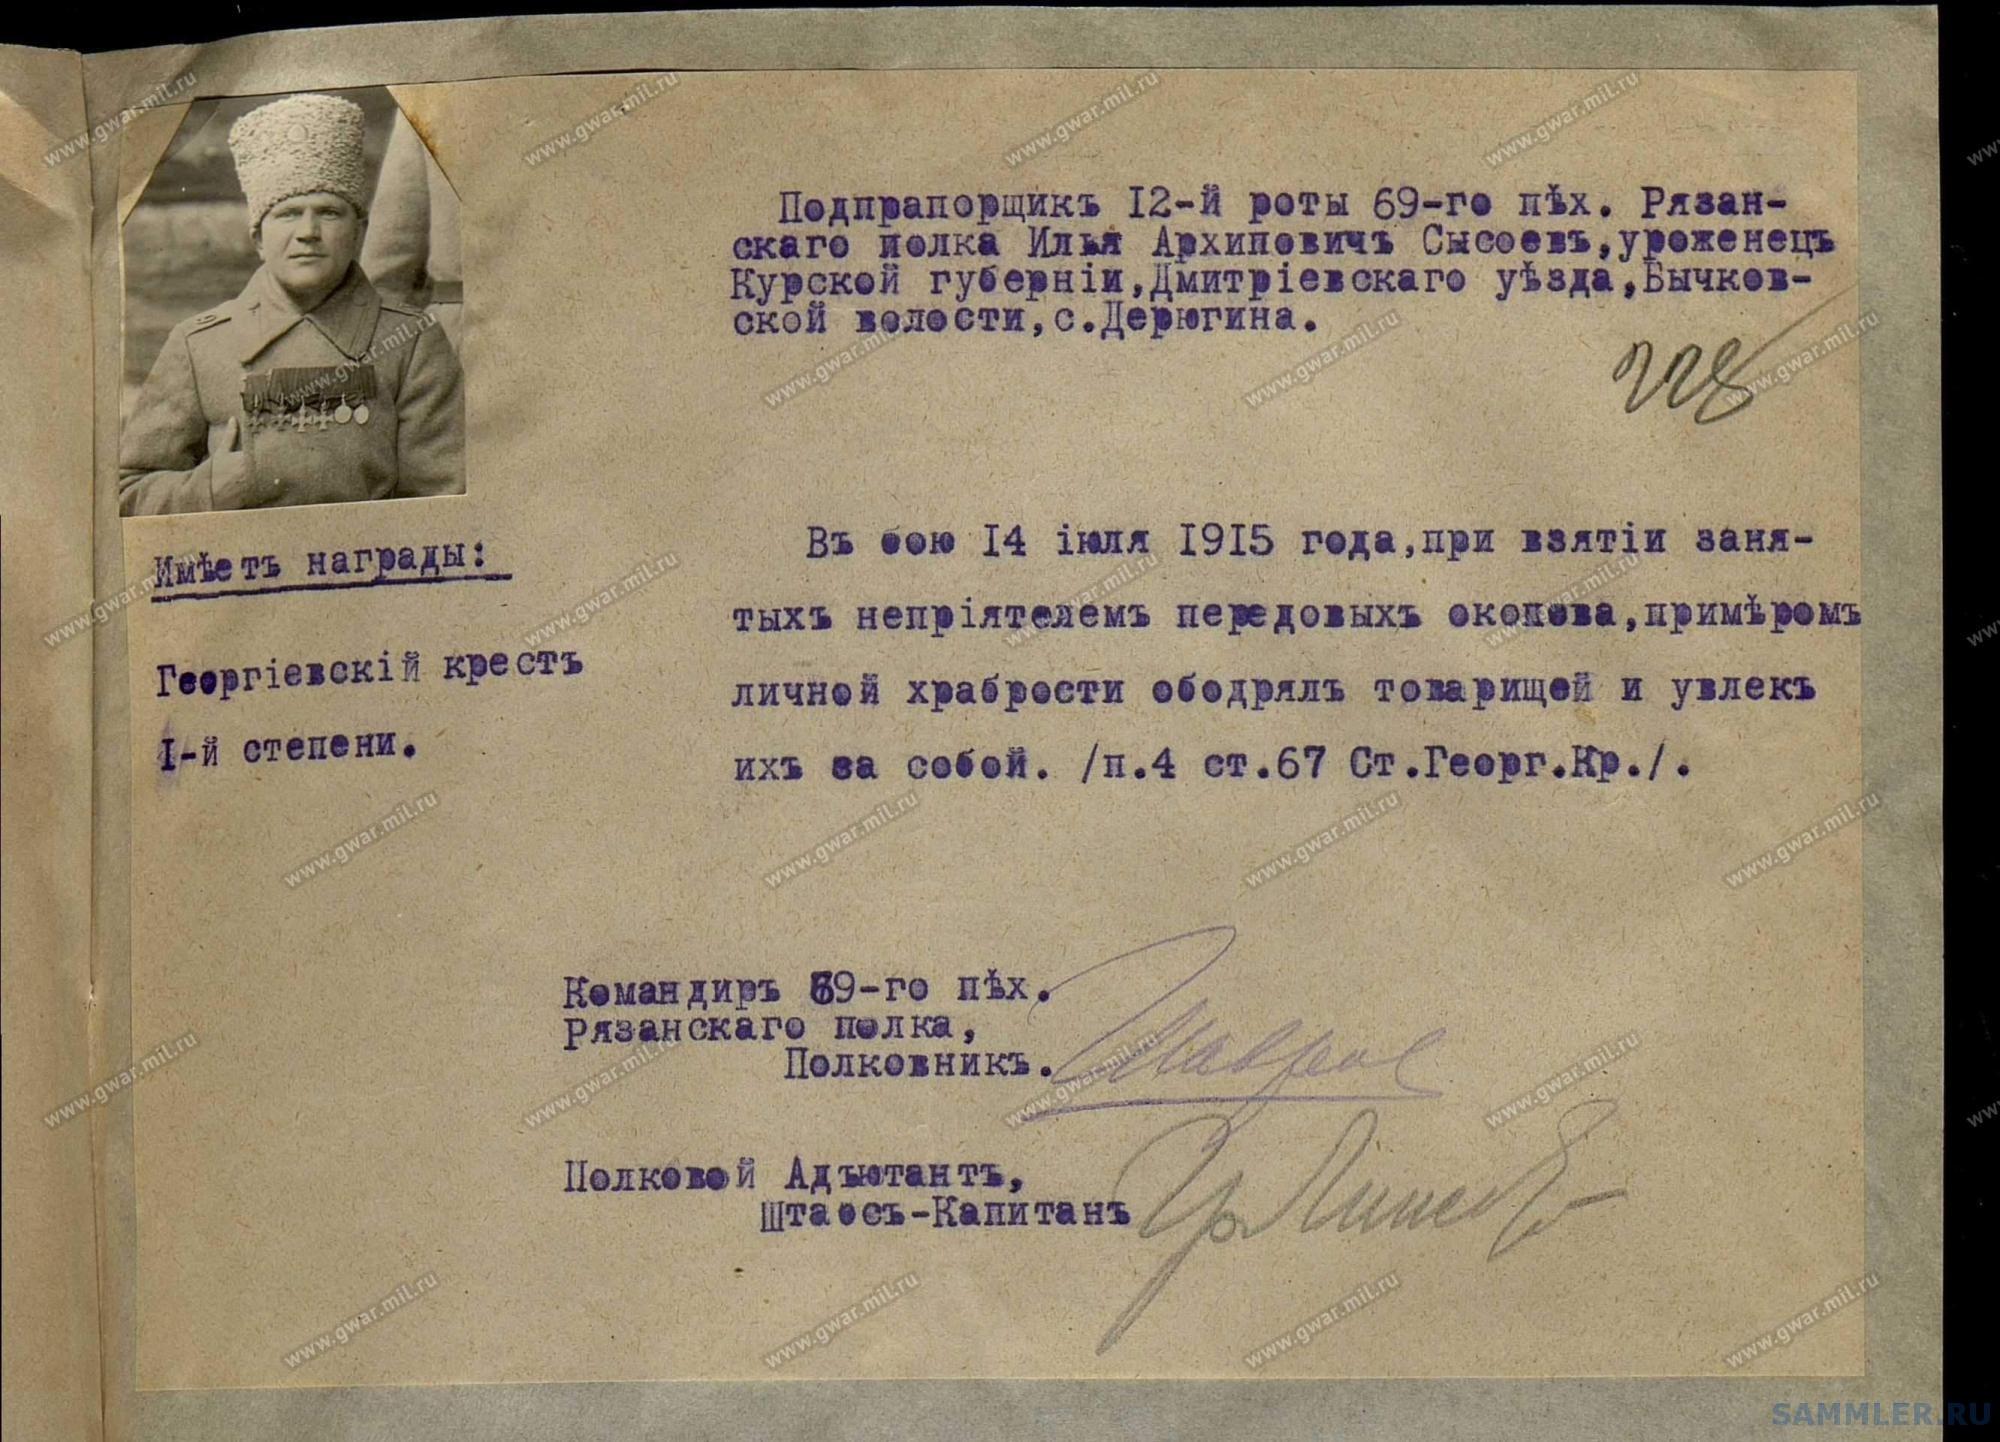 ! 69-й пех. Рязанский полк - 287_001.jpg